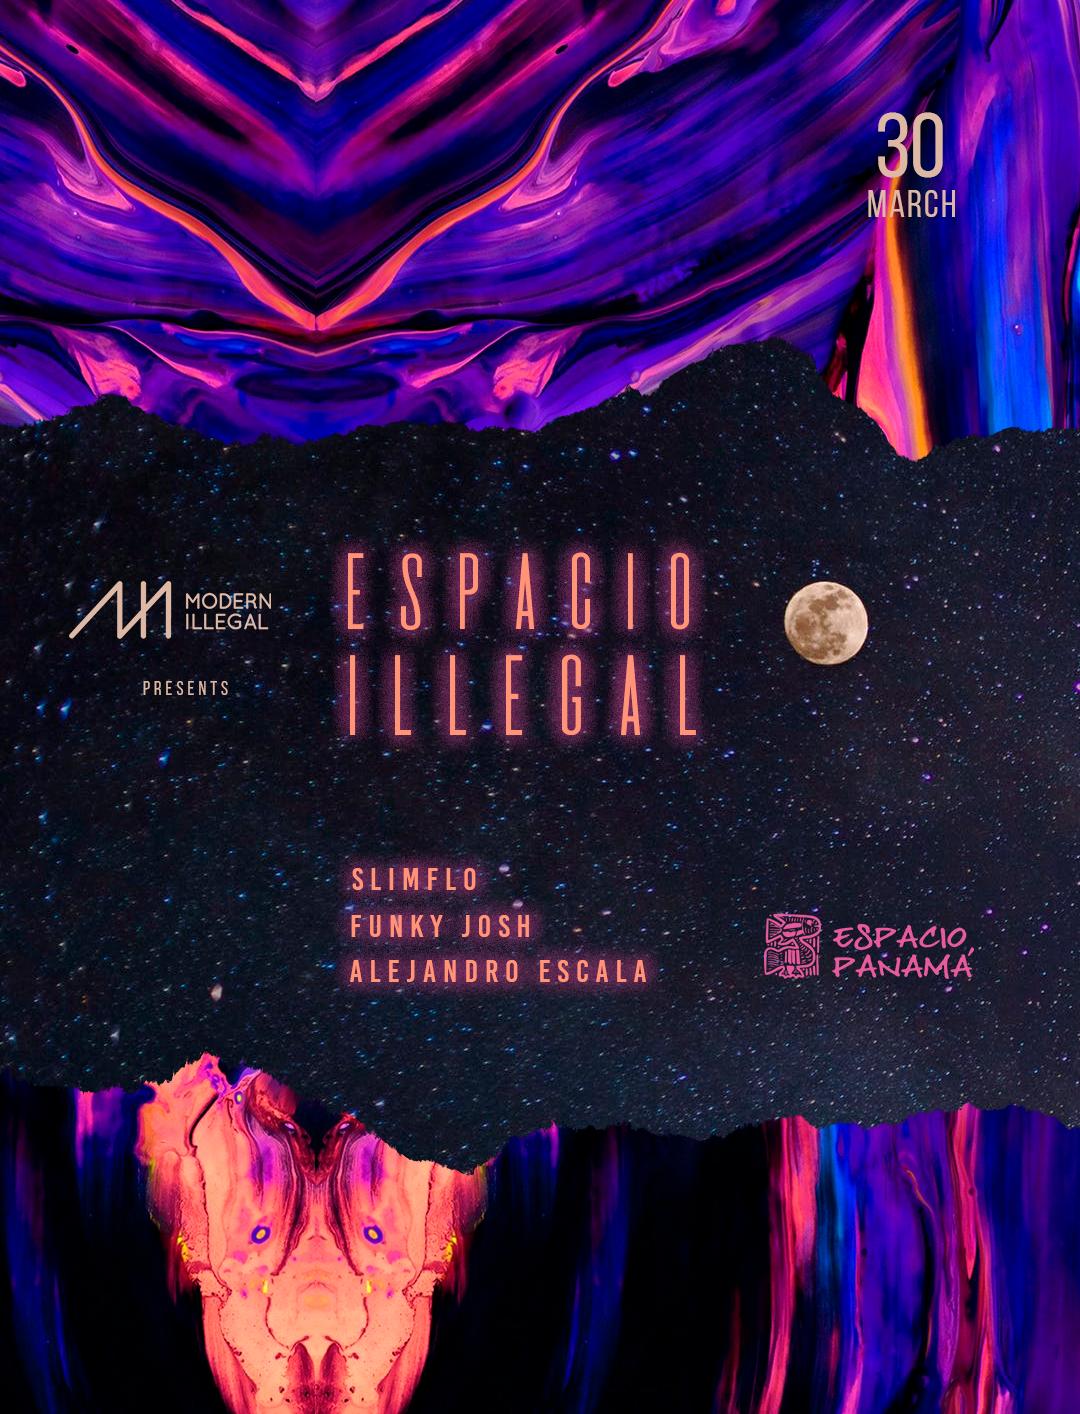 Espacio_illegal_MARZOV3_post_full.png